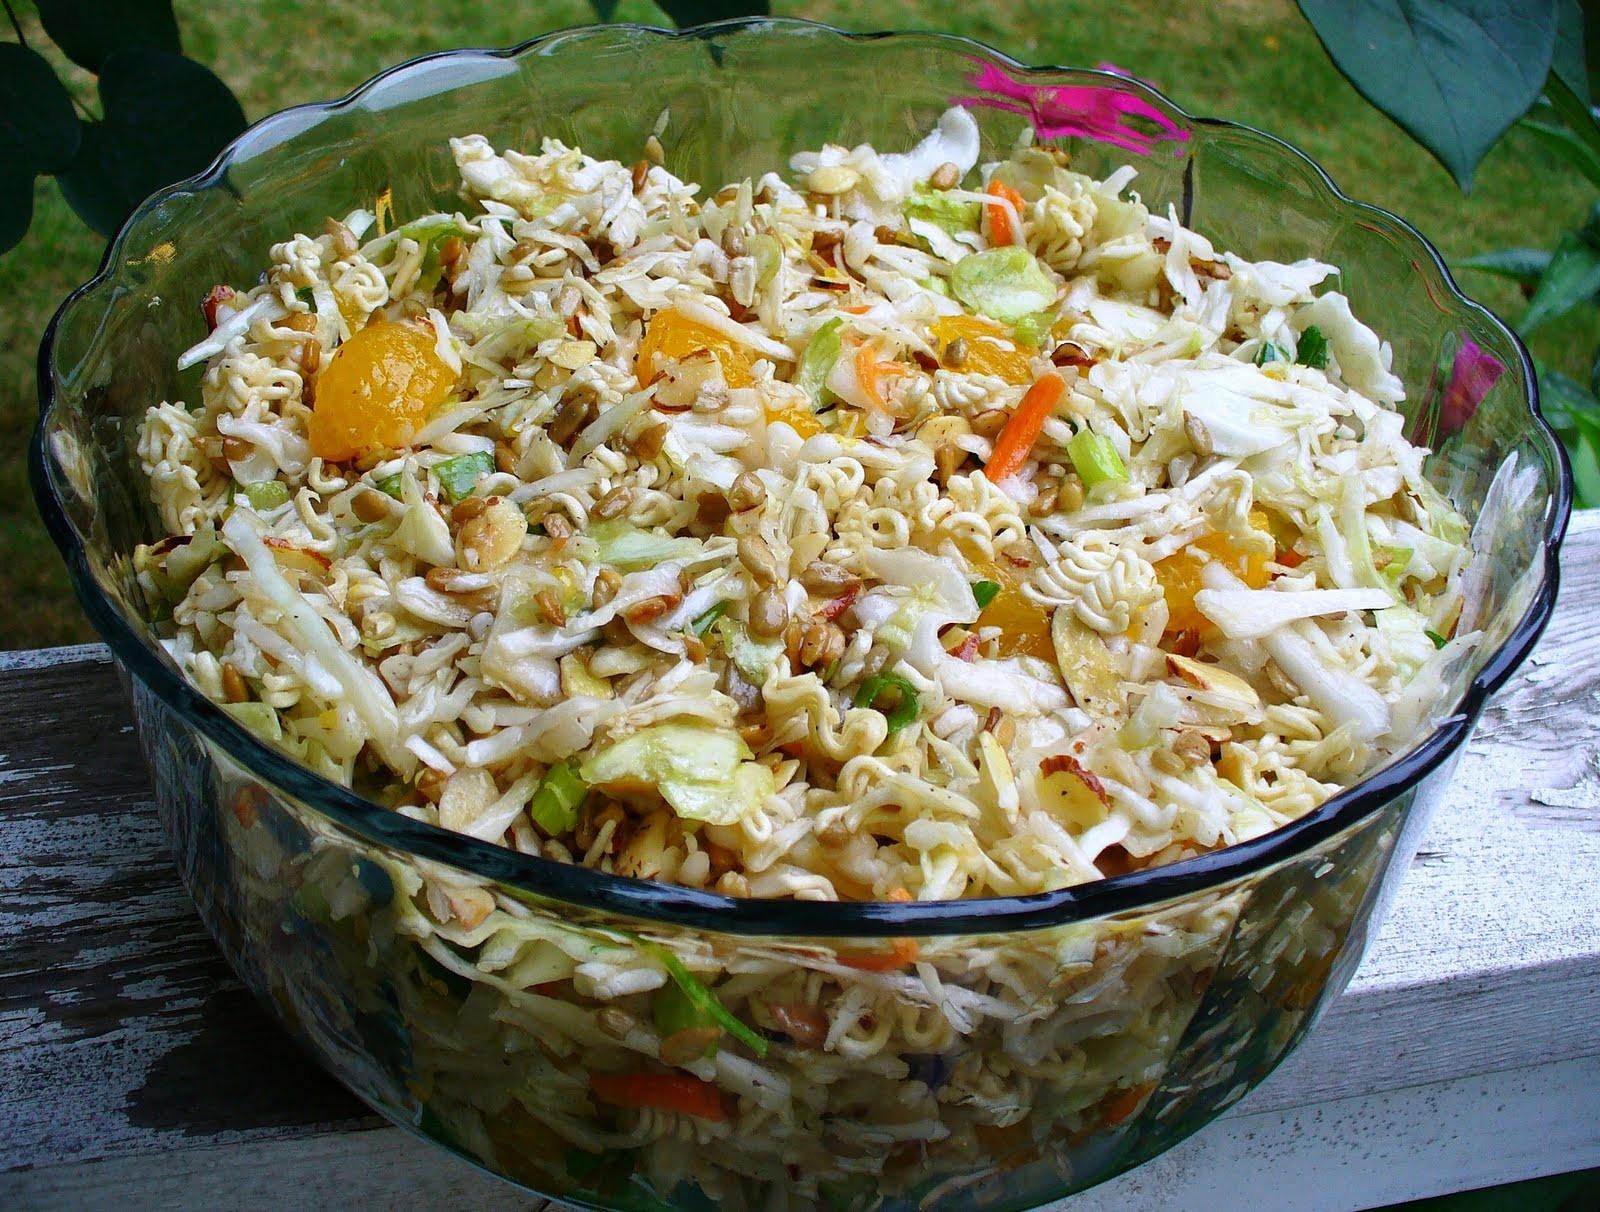 Oriental Salad With Ramen Noodles  Leenee s Sweetest Delights Oriental Salad